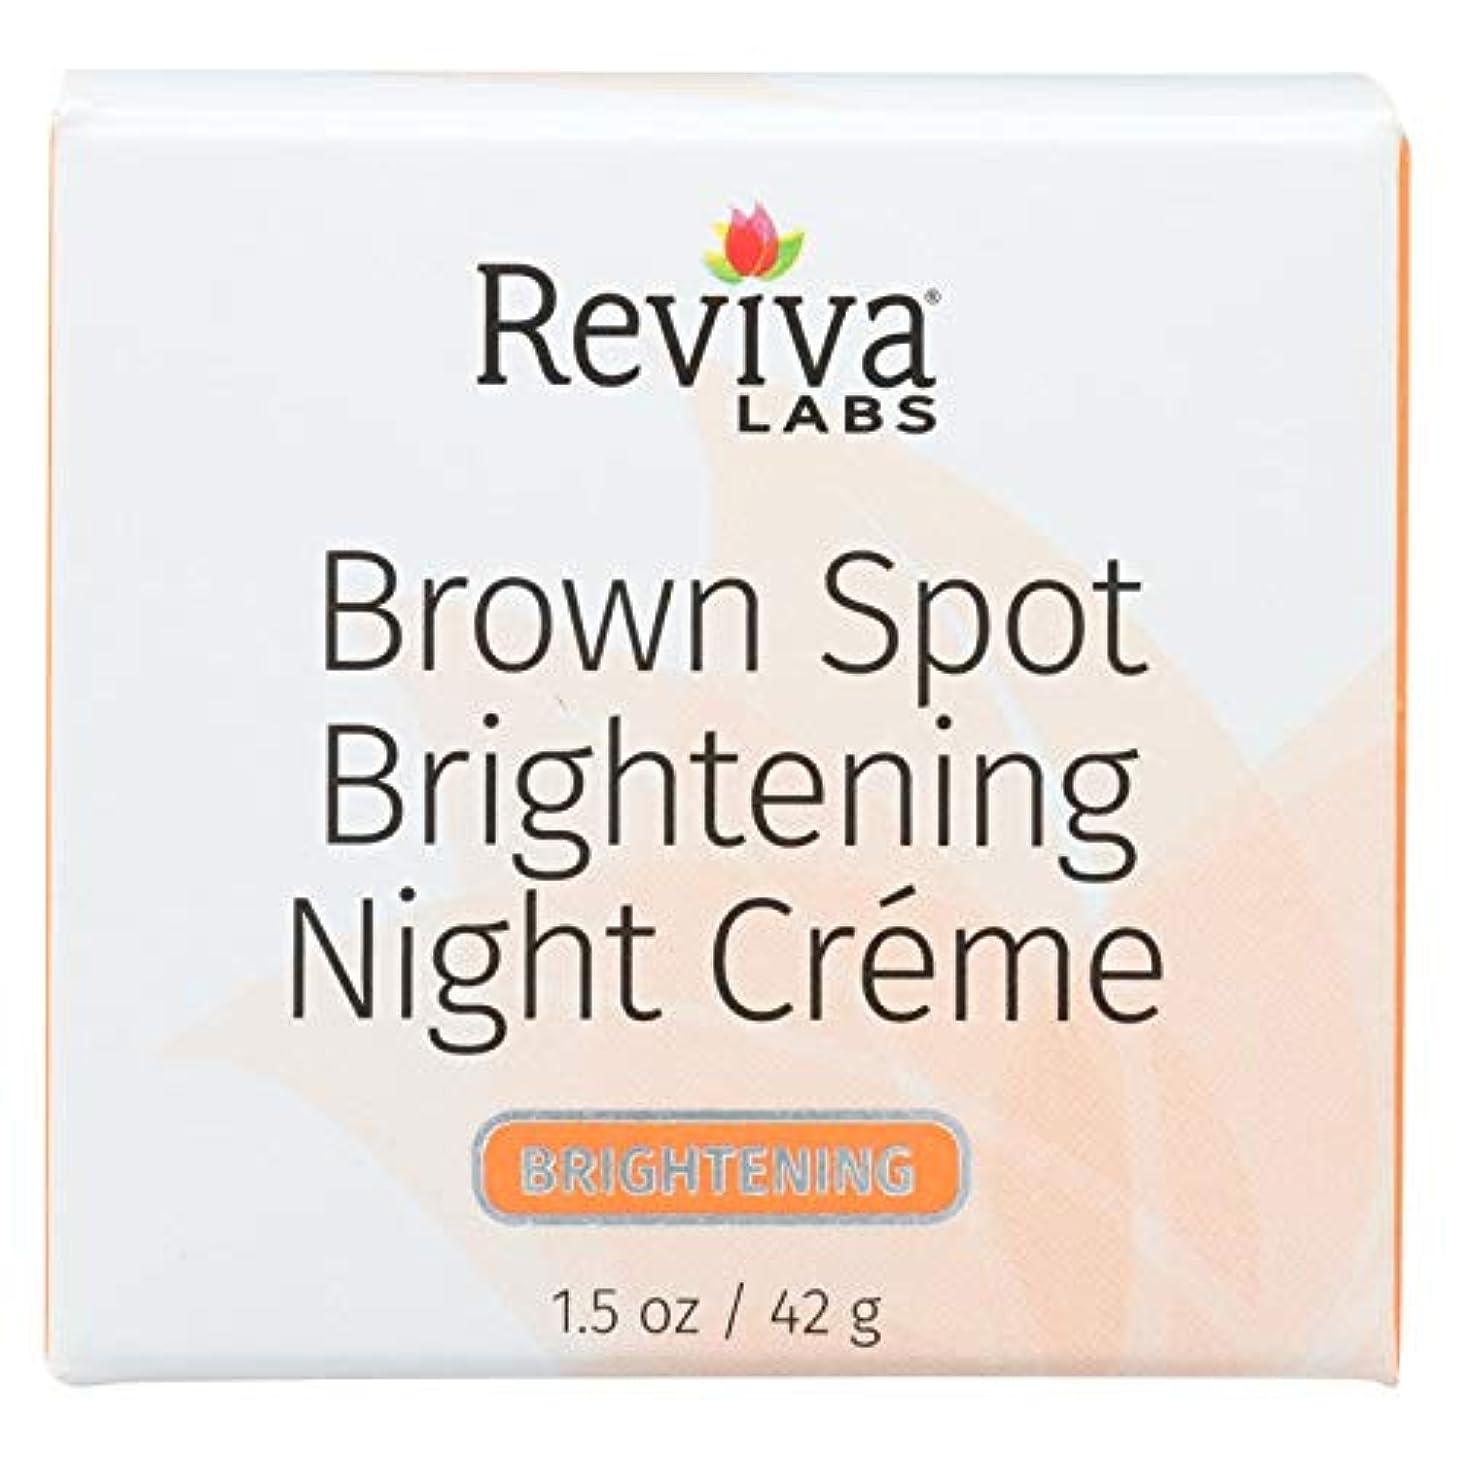 充実直径レギュラー[海外直送品]  ブラウン スポット ナイトクリーム 42g  ハイドロキノン2%配合